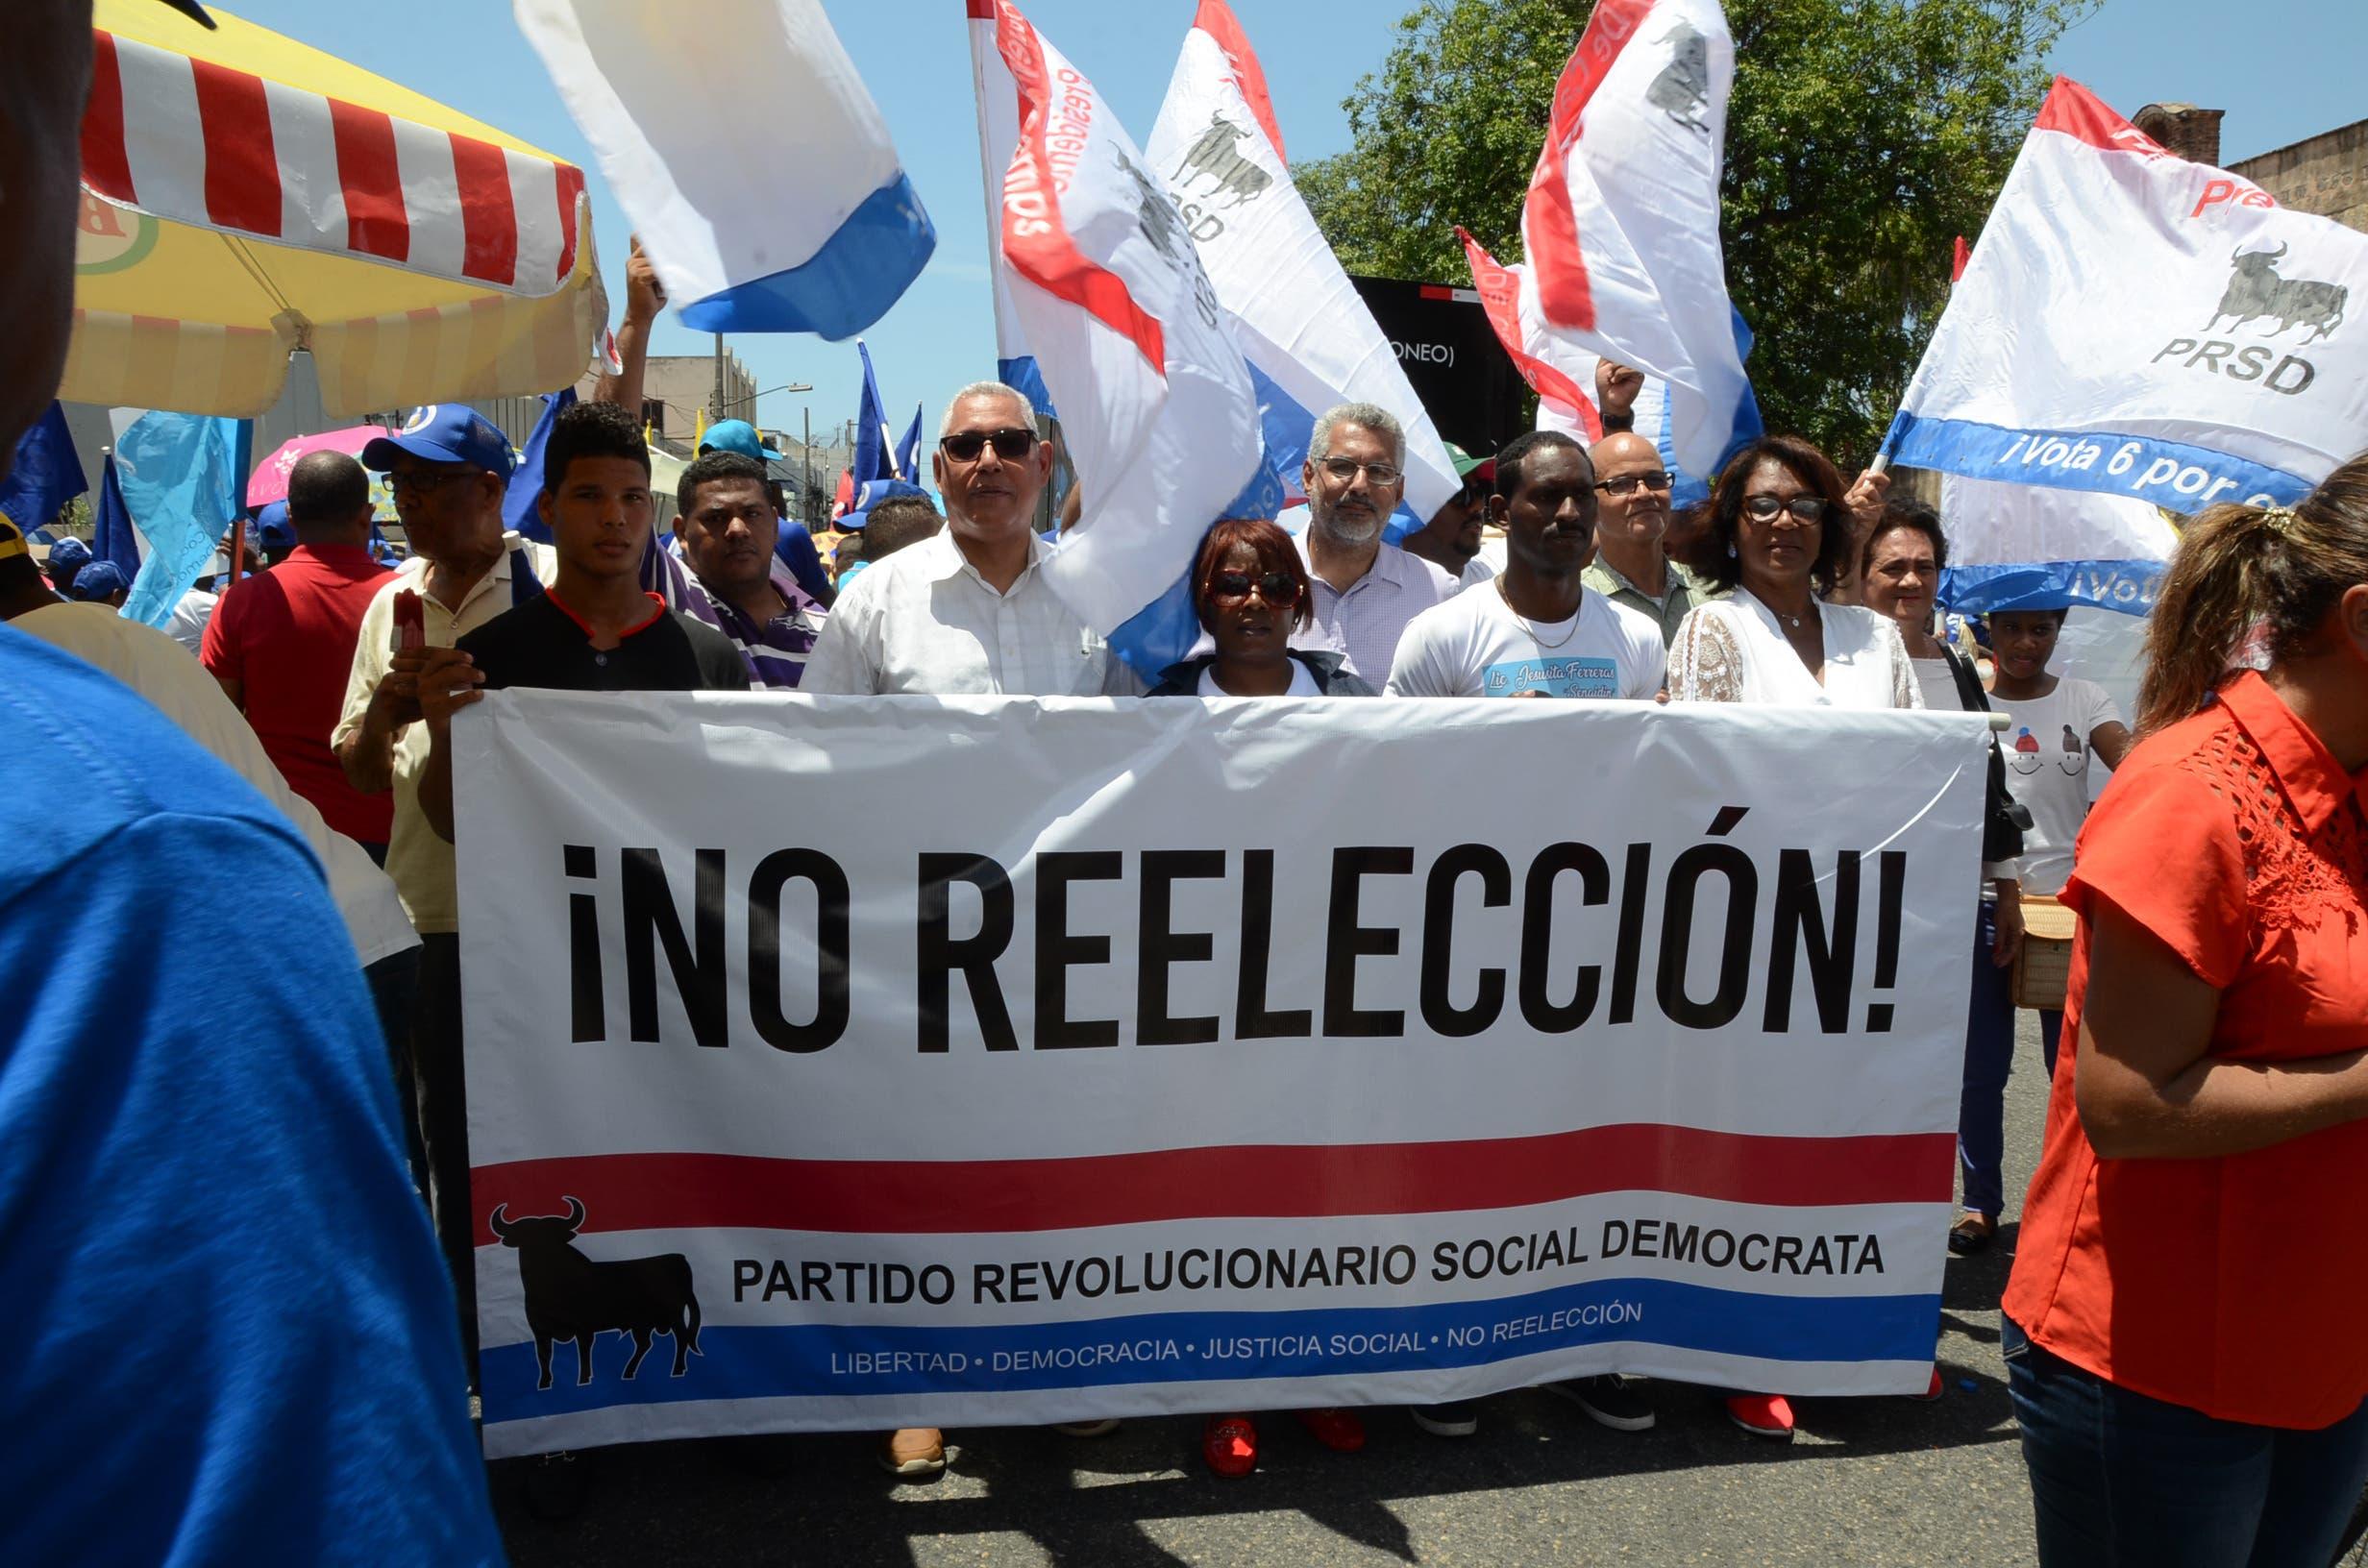 2. Marcha del PRM y partidos aliados, en contra de la modificación a la Constitución y la corrupción, desde el parque Enriquillo hasta el parque Insependencia/foto: José de León